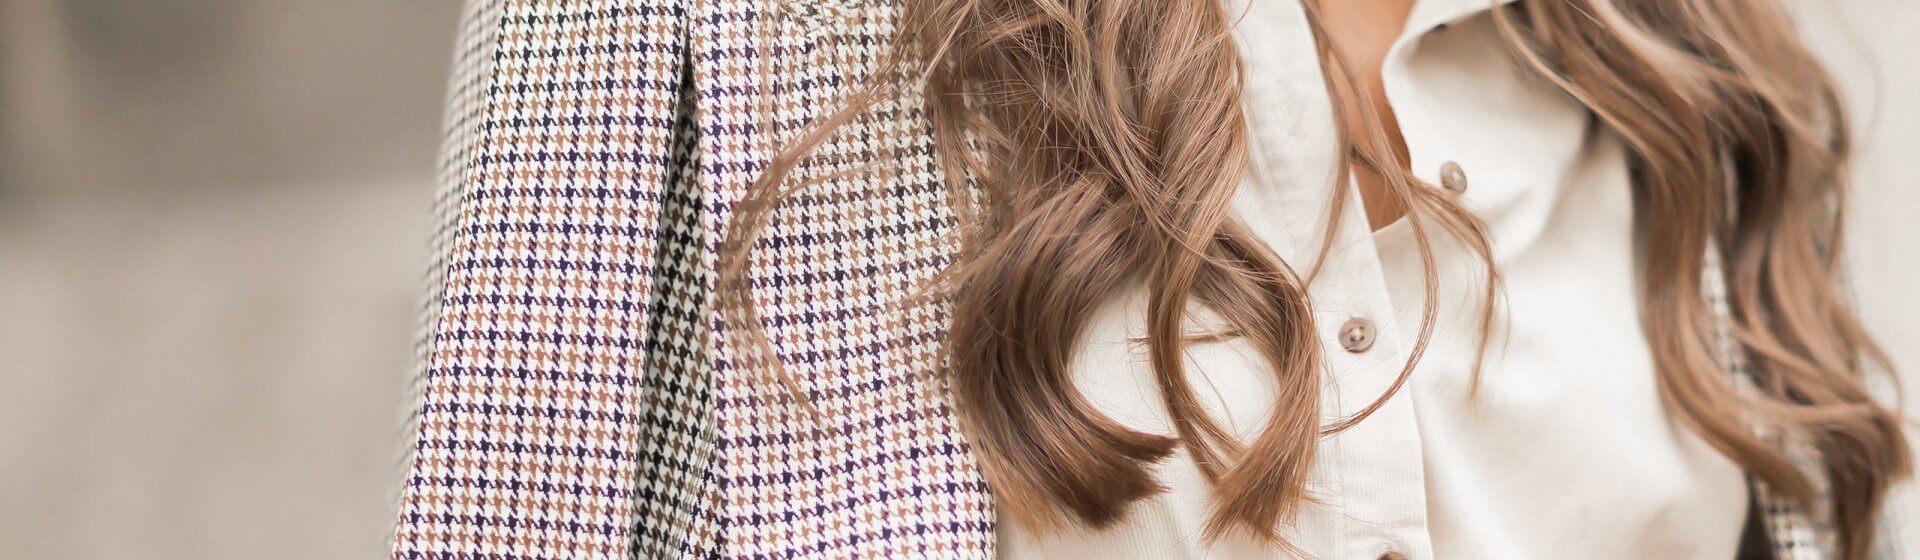 Cord Hemden stylen im Herbst, Shoelove by Deichmann